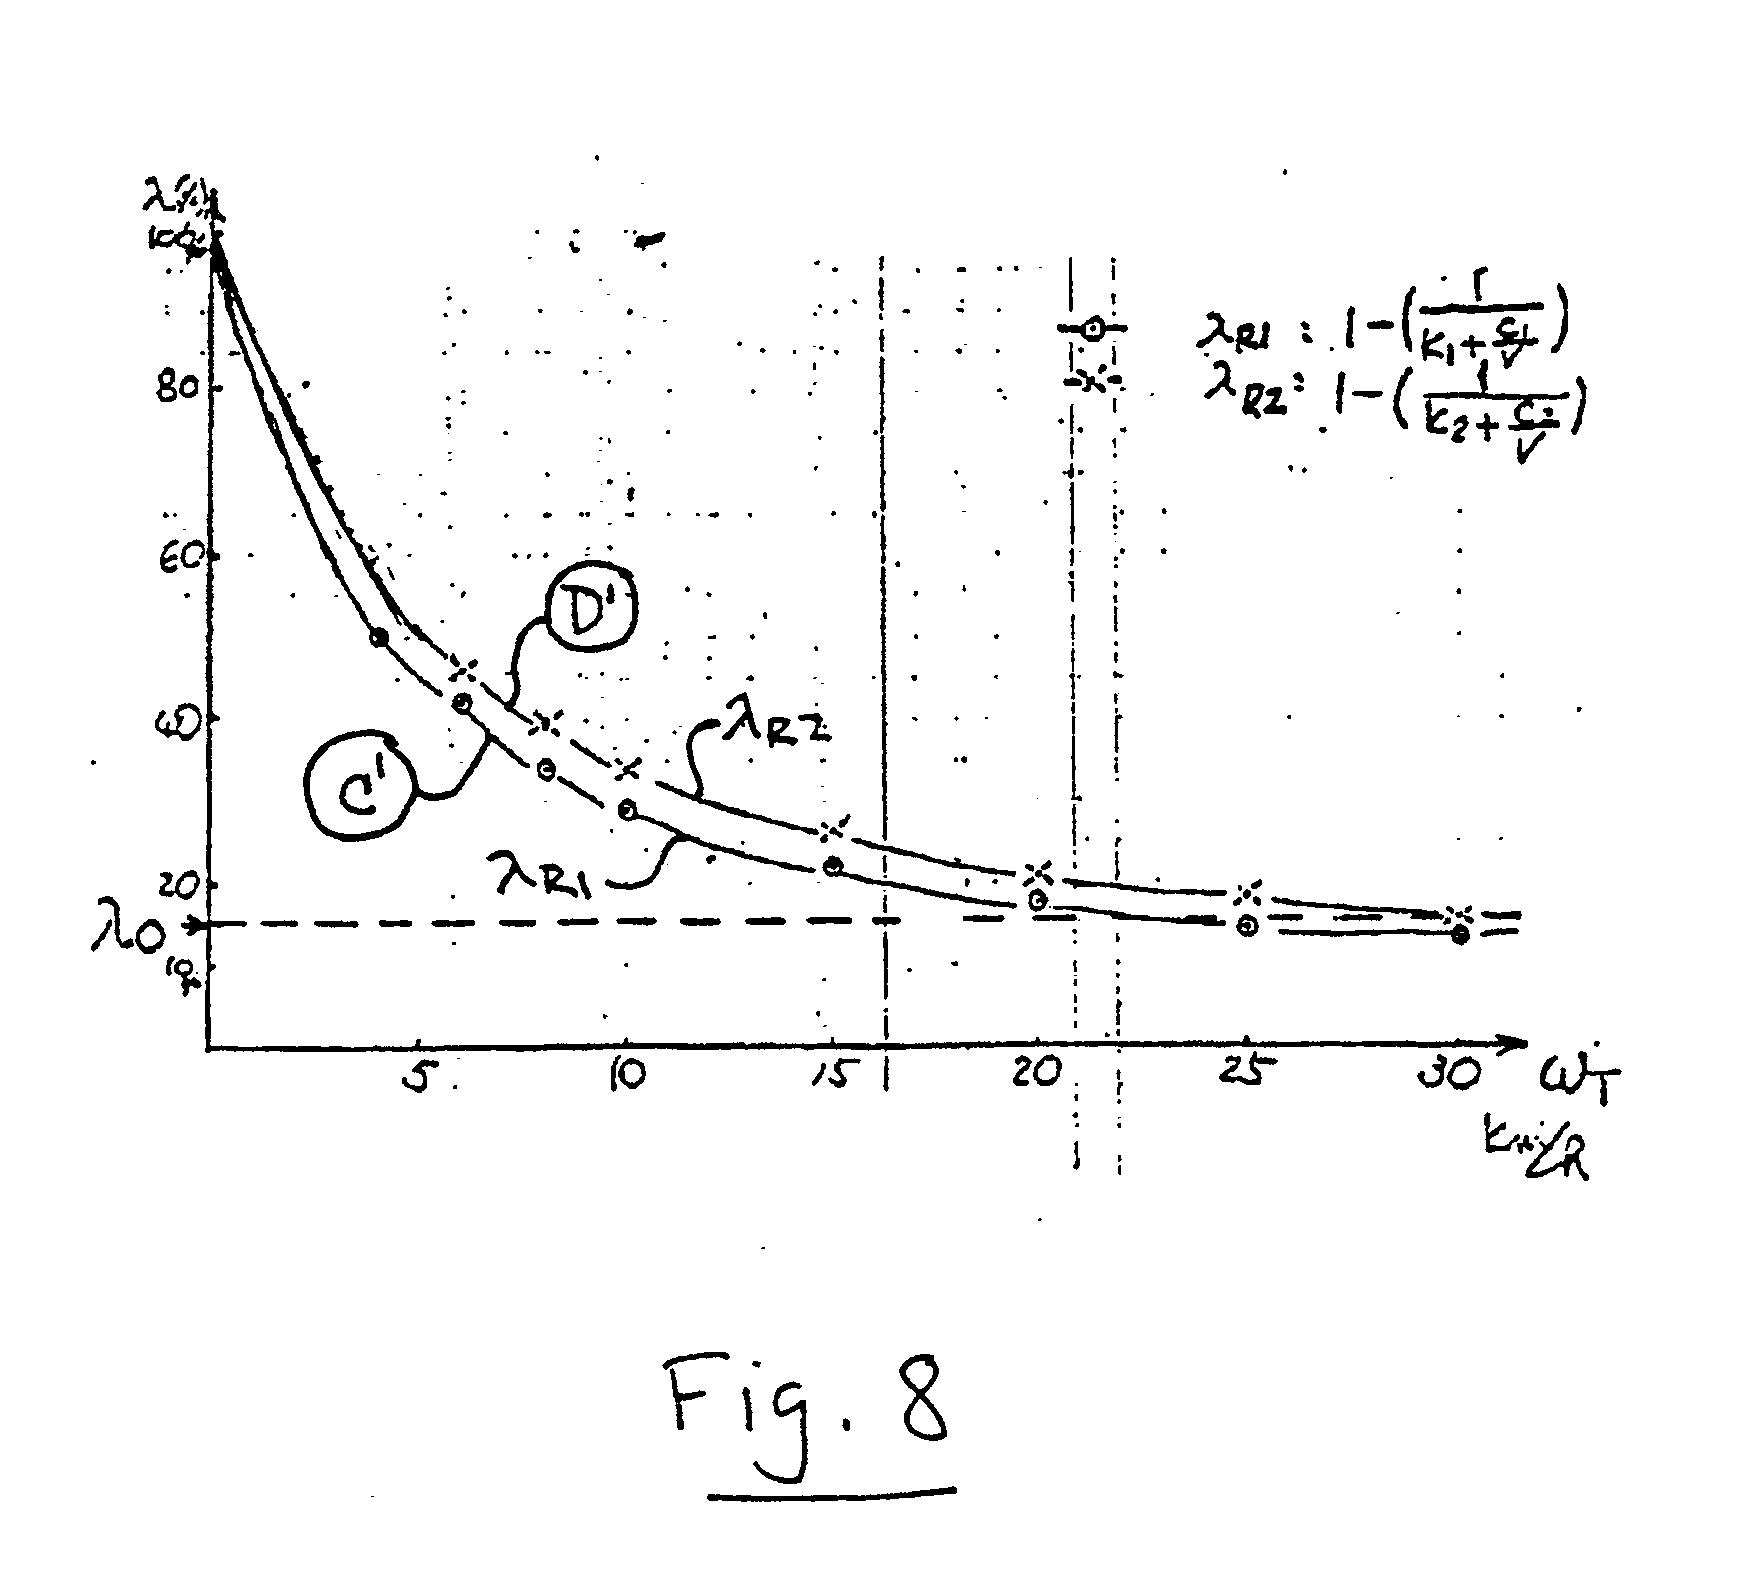 patent ep0240174b1 antriebsregelsystem zur. Black Bedroom Furniture Sets. Home Design Ideas